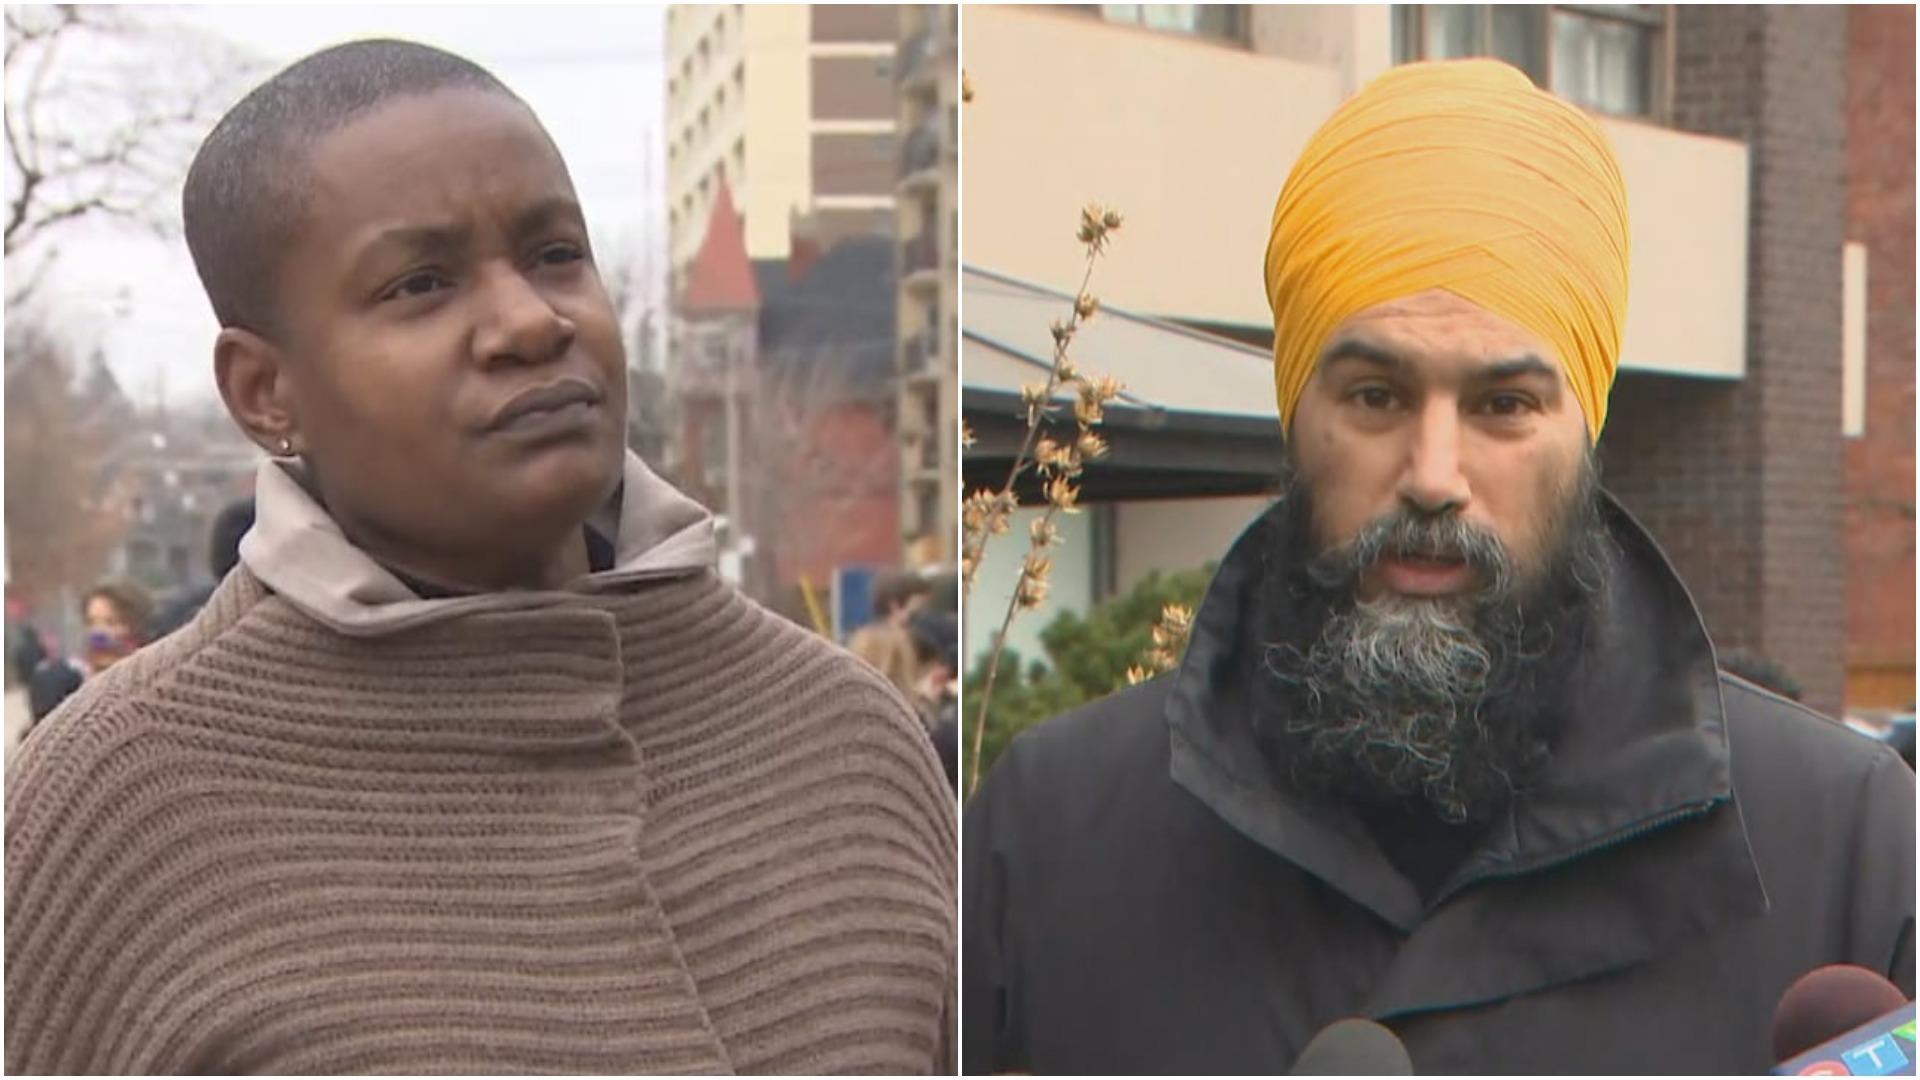 Annamie Paul y Jagmeet Singh, líderes políticos canadienses.